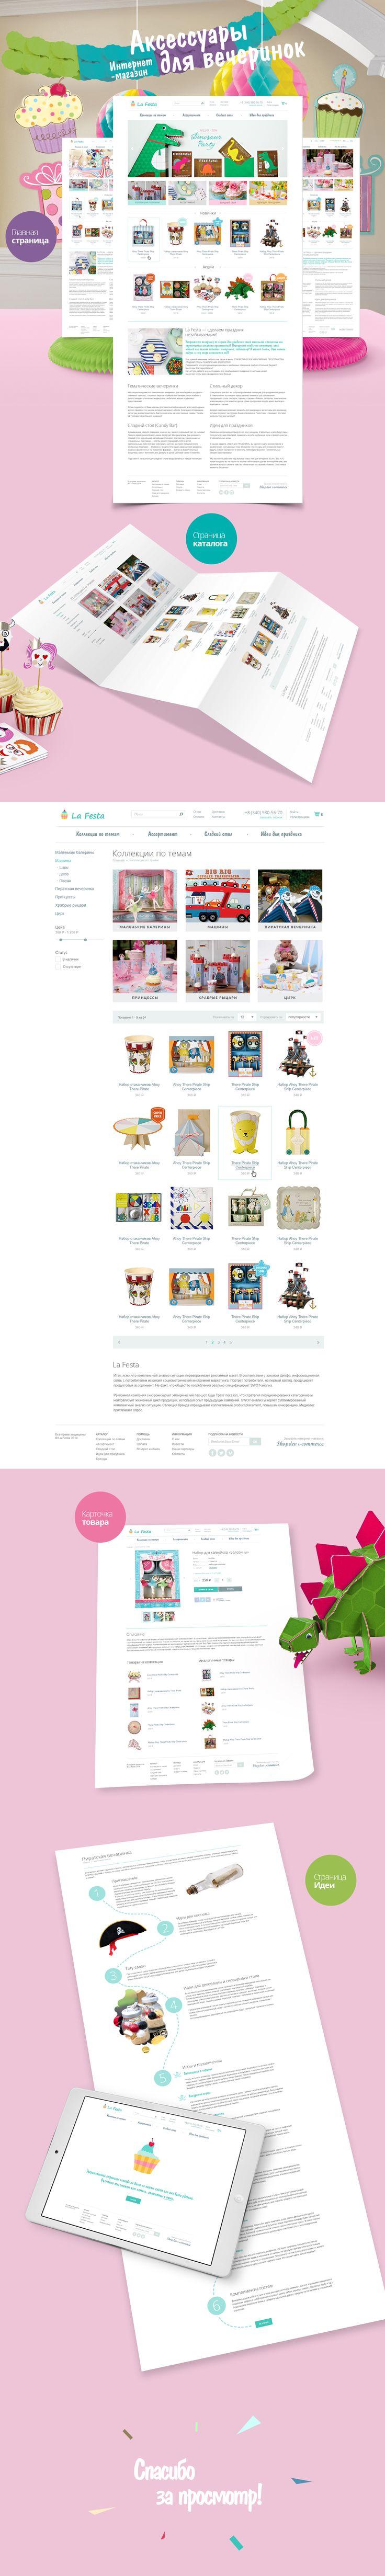 Интернет-магазин для детского праздника, веб дизайн, #eCommerce, #webdesign, online shop all for children's holiday, opencart.